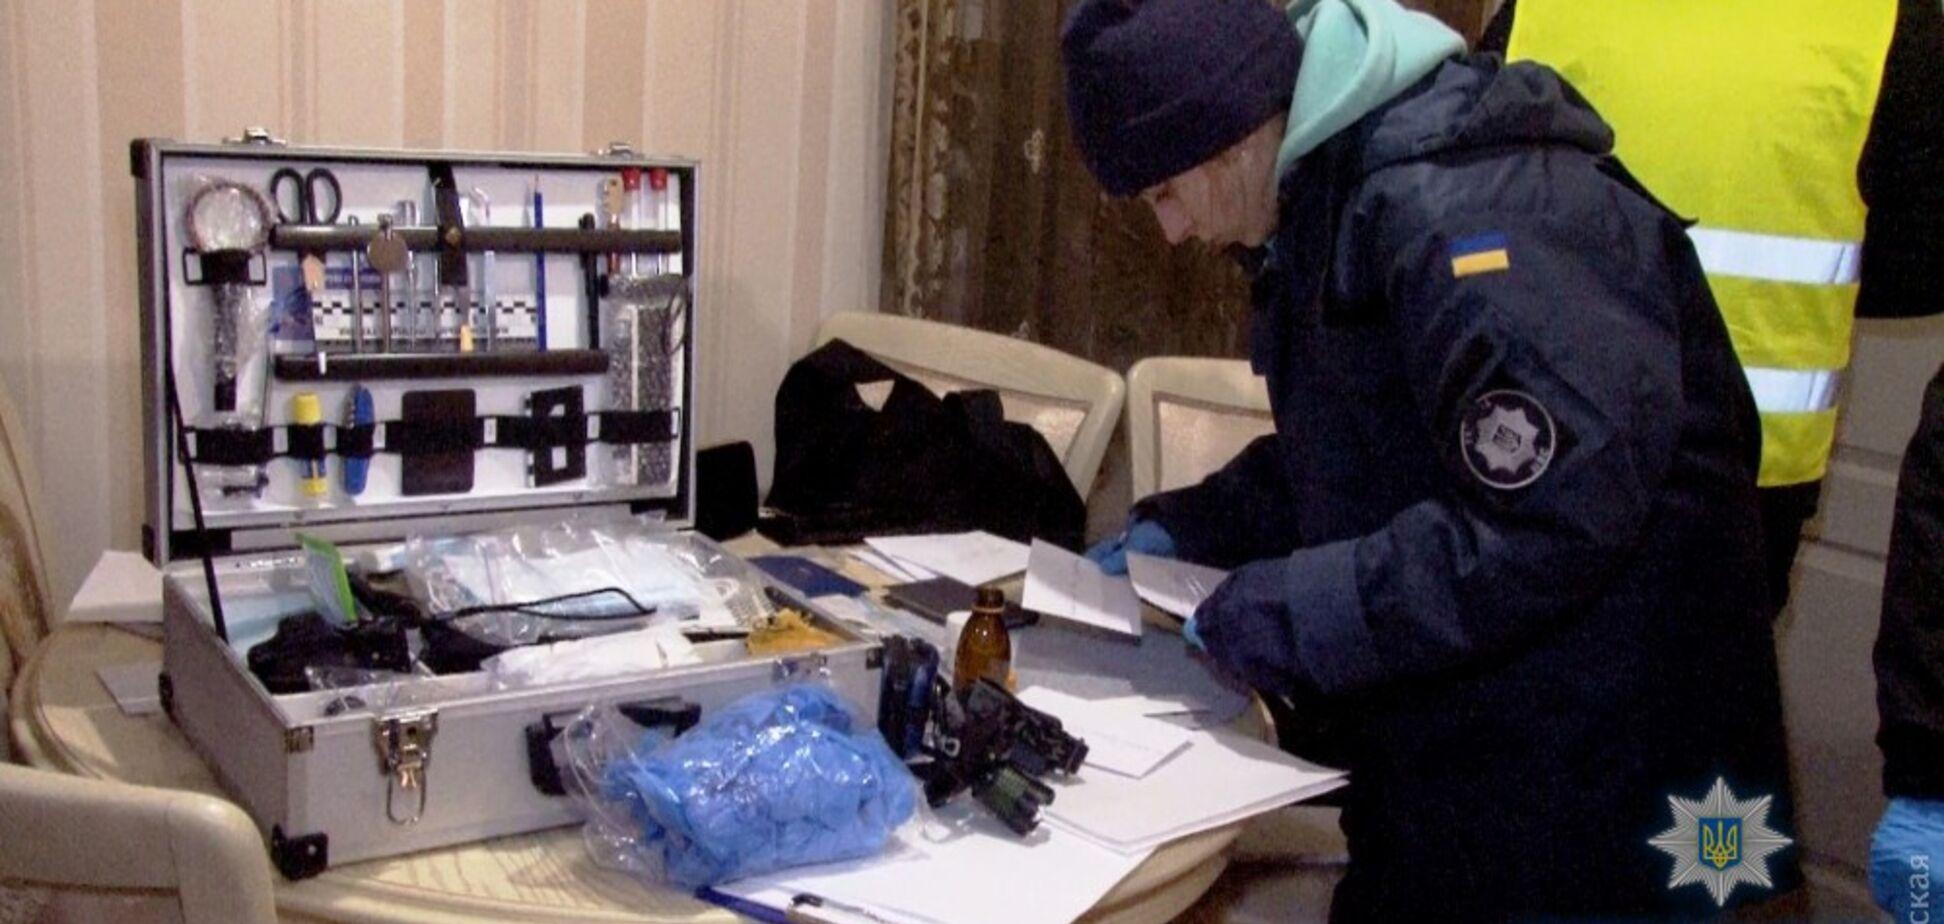 Девушку обезглавили: появились новые подробности страшного убийства в Одессе